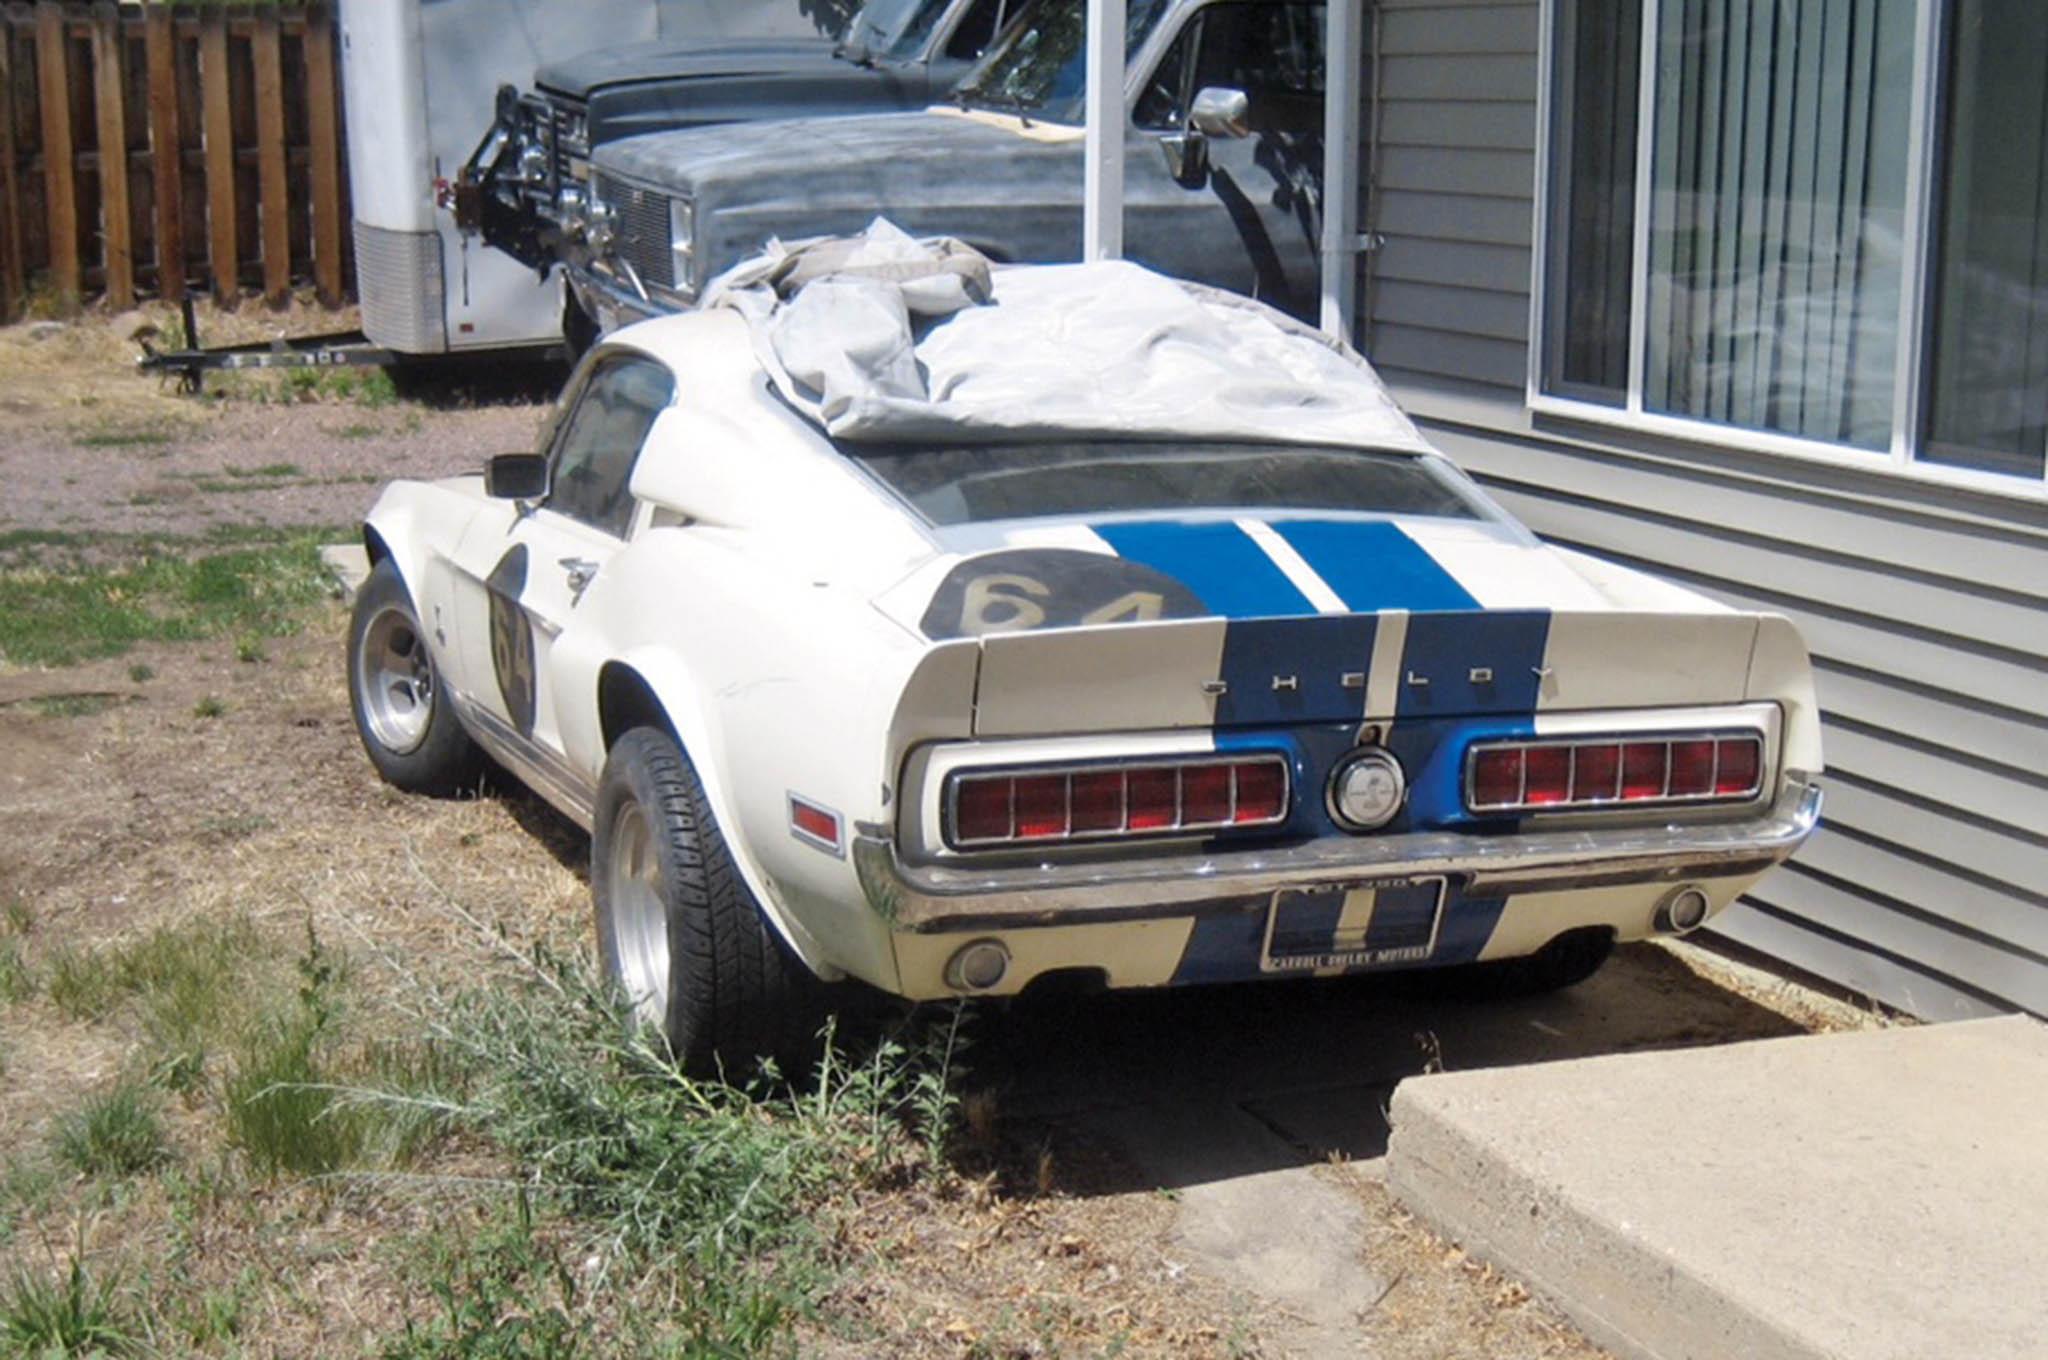 barn find 1 of 223 1968 shelby gt350 hertz rental cars. Black Bedroom Furniture Sets. Home Design Ideas